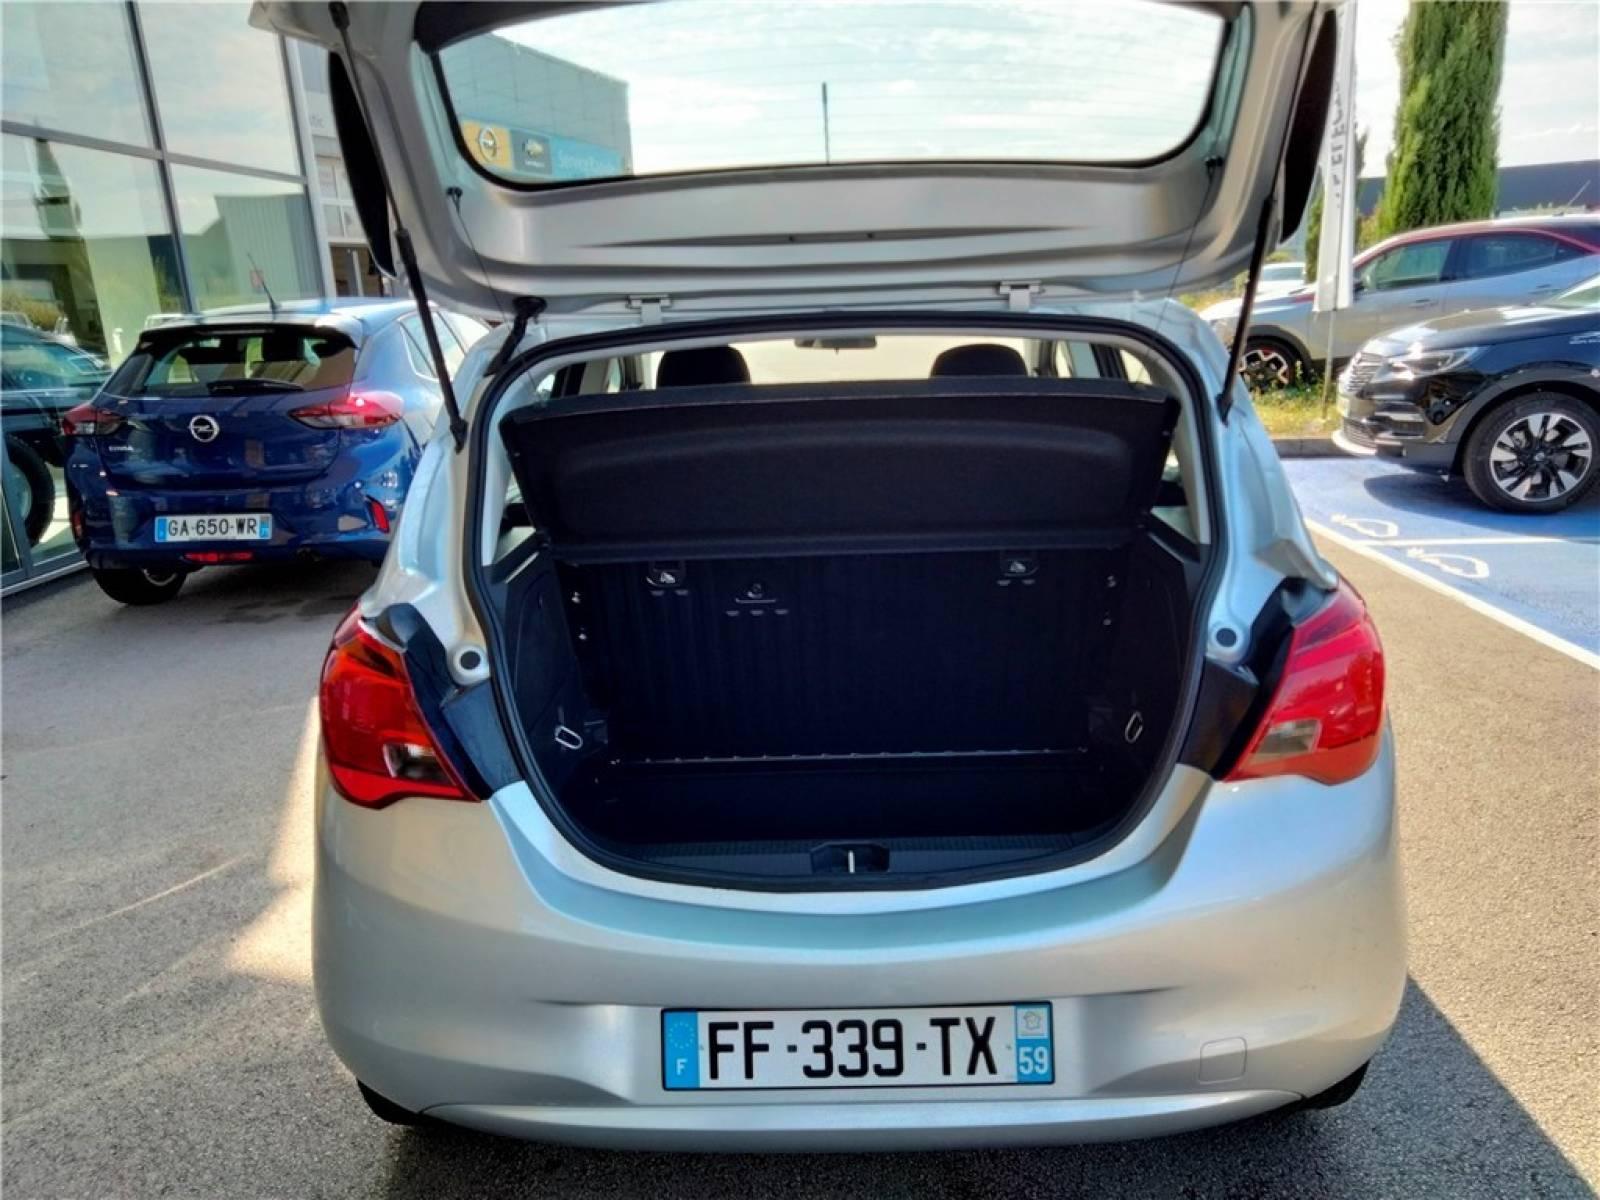 OPEL Corsa 1.4 90 ch - véhicule d'occasion - Groupe Guillet - Opel Magicauto - Montceau-les-Mines - 71300 - Montceau-les-Mines - 12